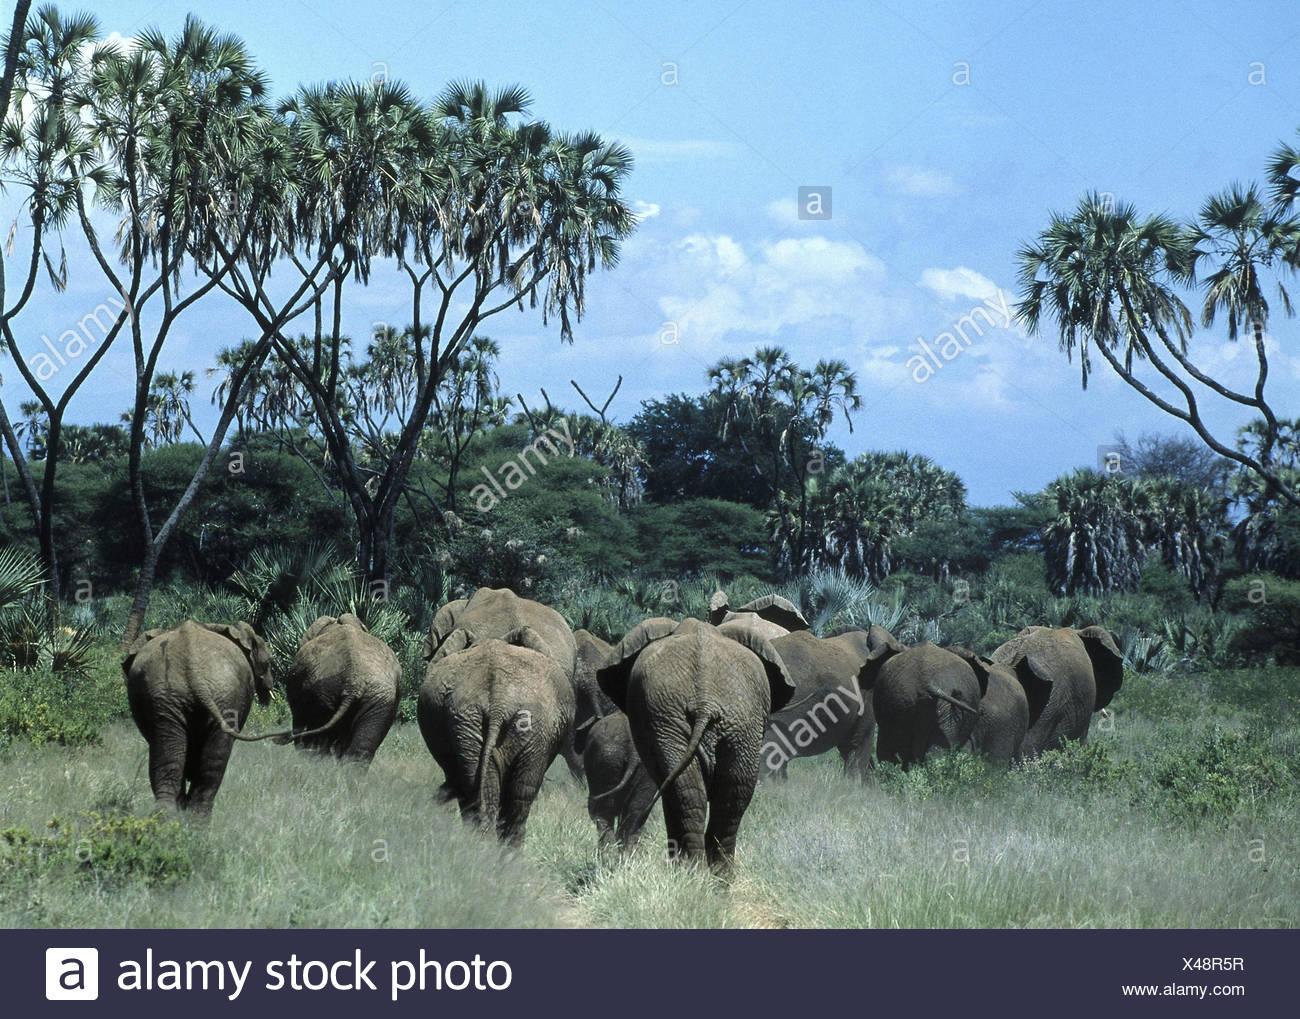 Landschaft, Afrikanische Elefanten,  Loxodonta africana, Rückenansicht  Elefant, Herde, Rüsseltier, Landsäugetier, Säugetier,  Stoßzähne, Elfenbein, D Stock Photo